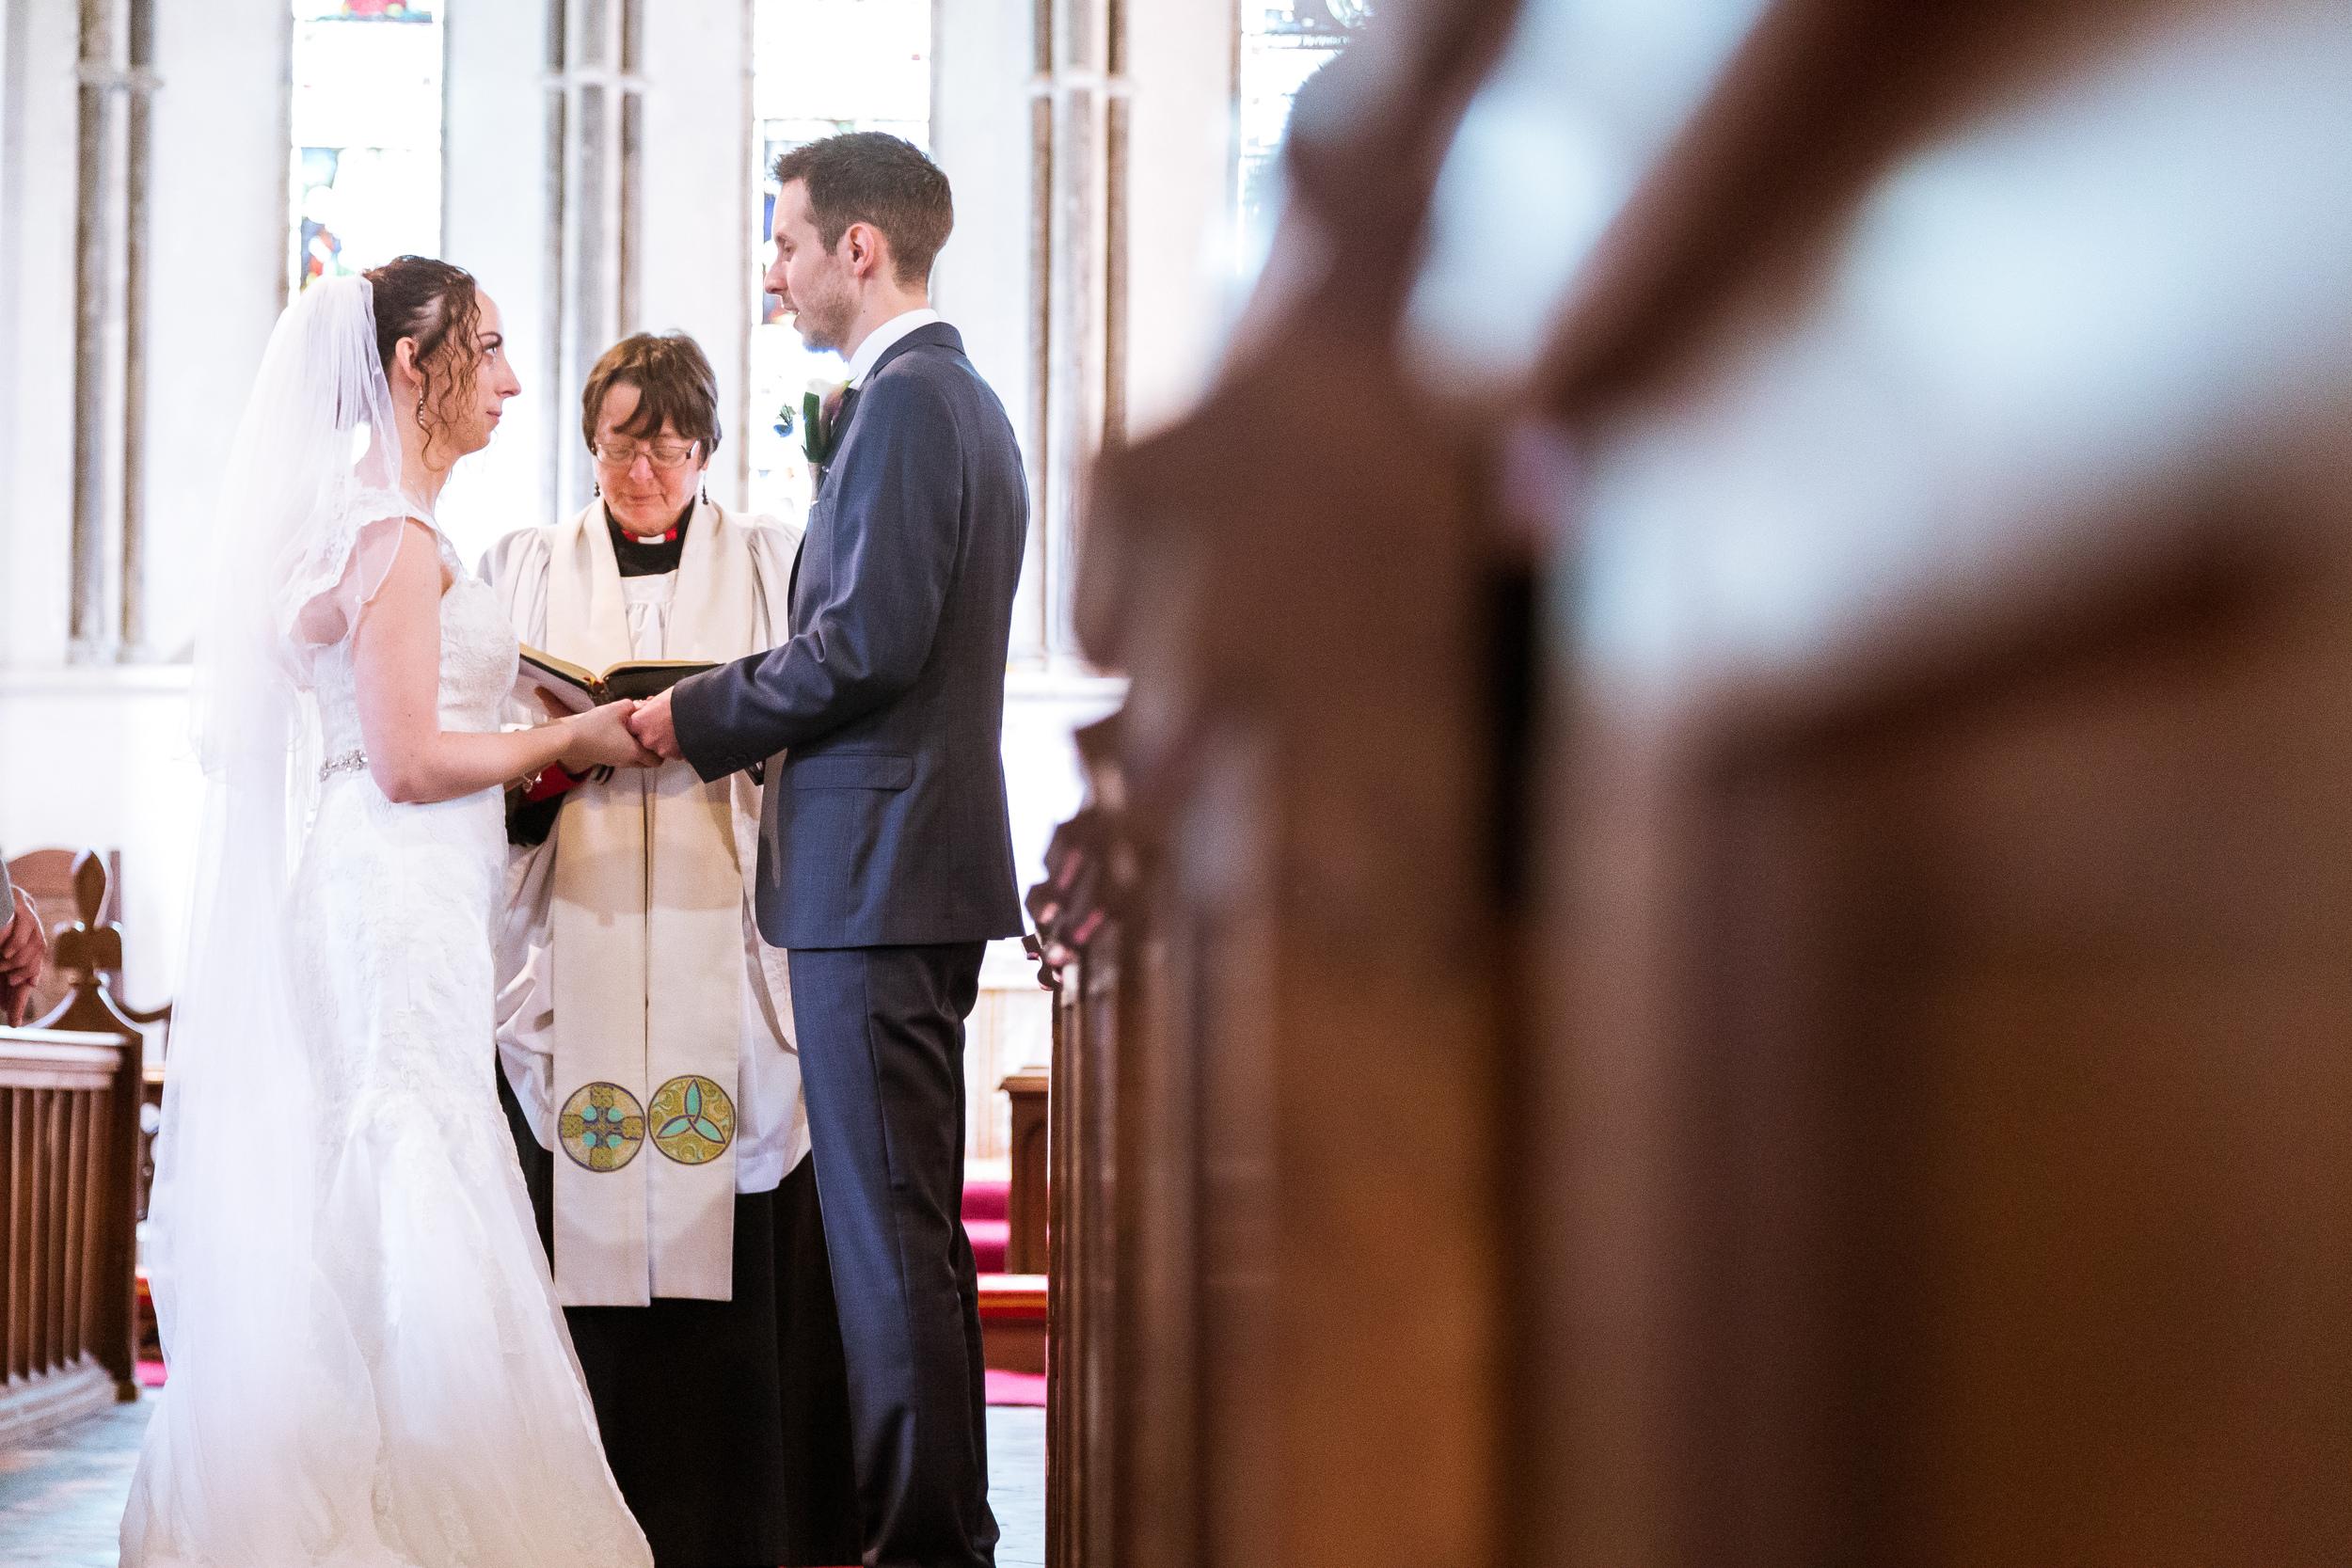 Wood Church - Amazing Wedding - Church